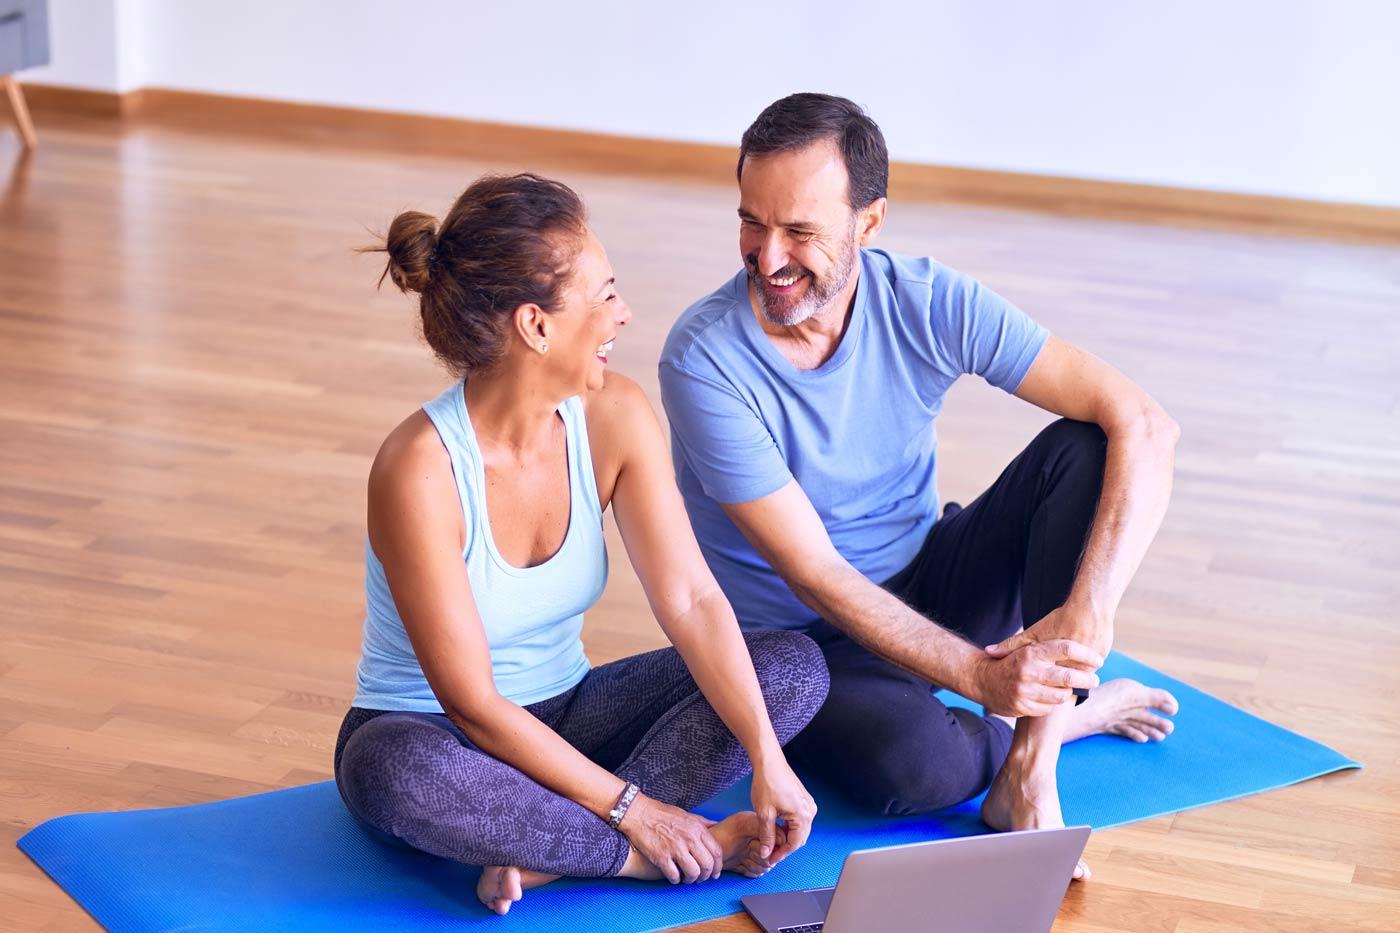 Co można robić w weekend? Na przykład wspólnie ćwiczyć jogę